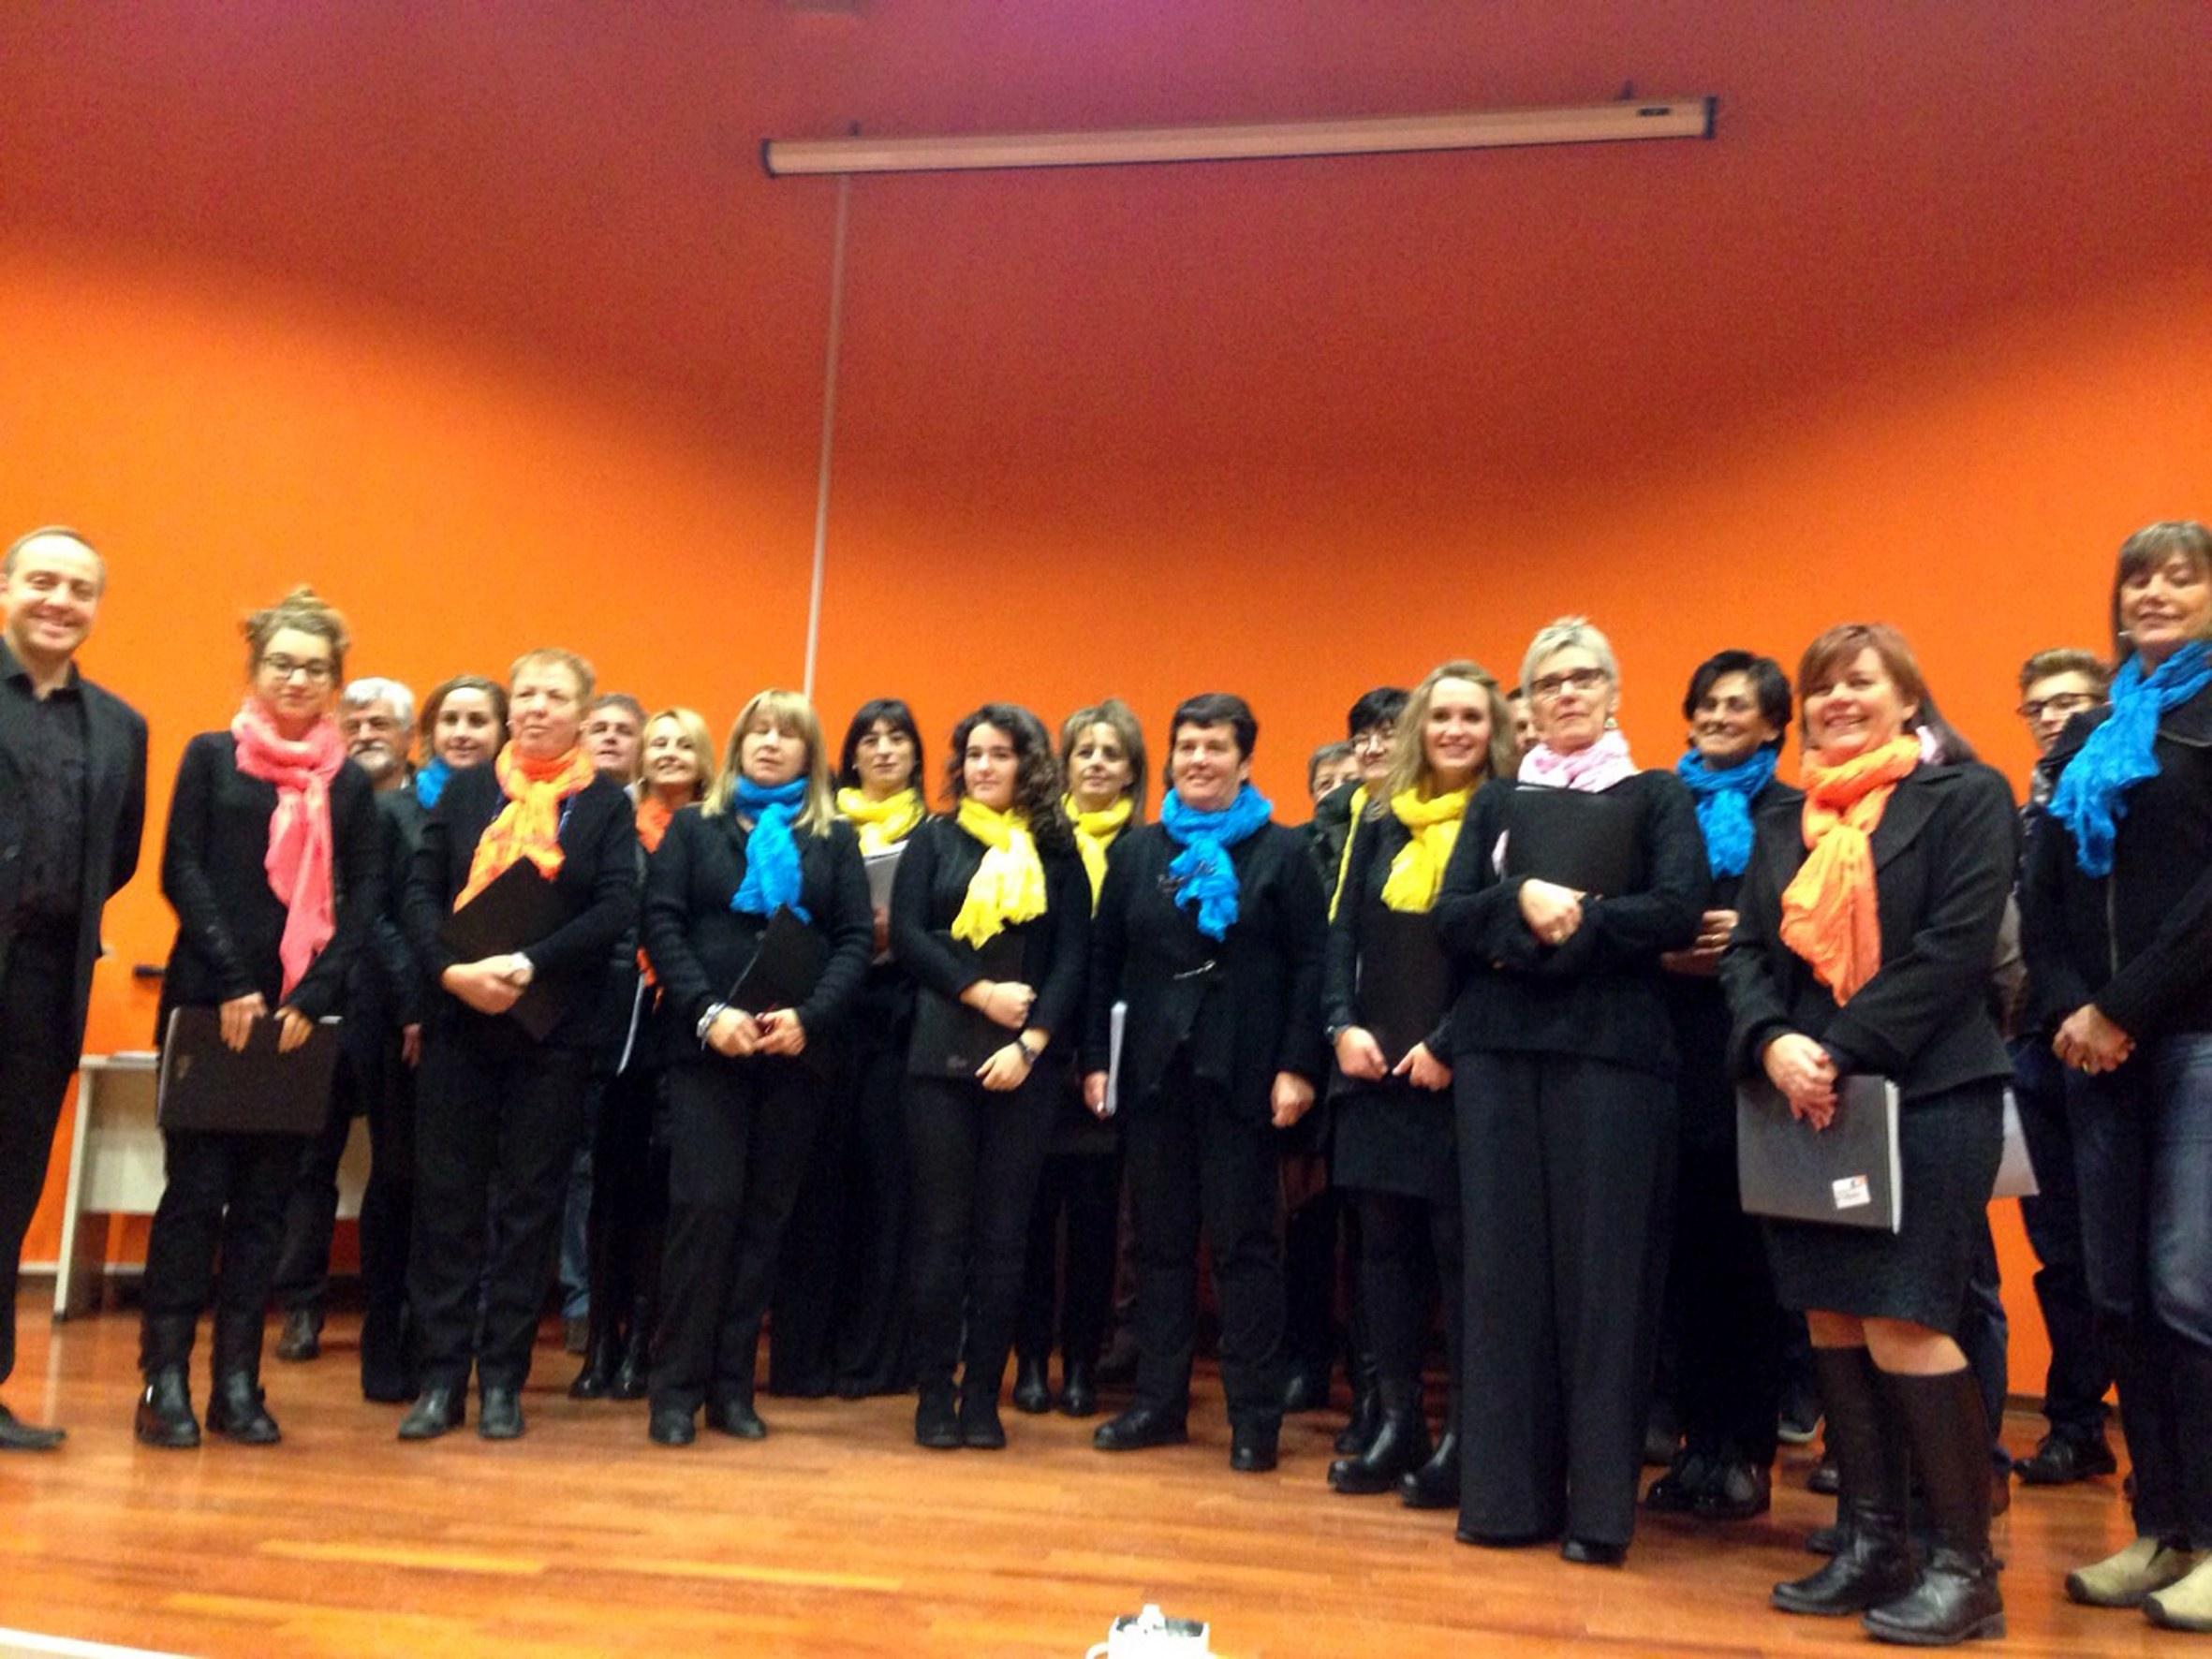 Il nuovo coro di Giaglione ad Oulx